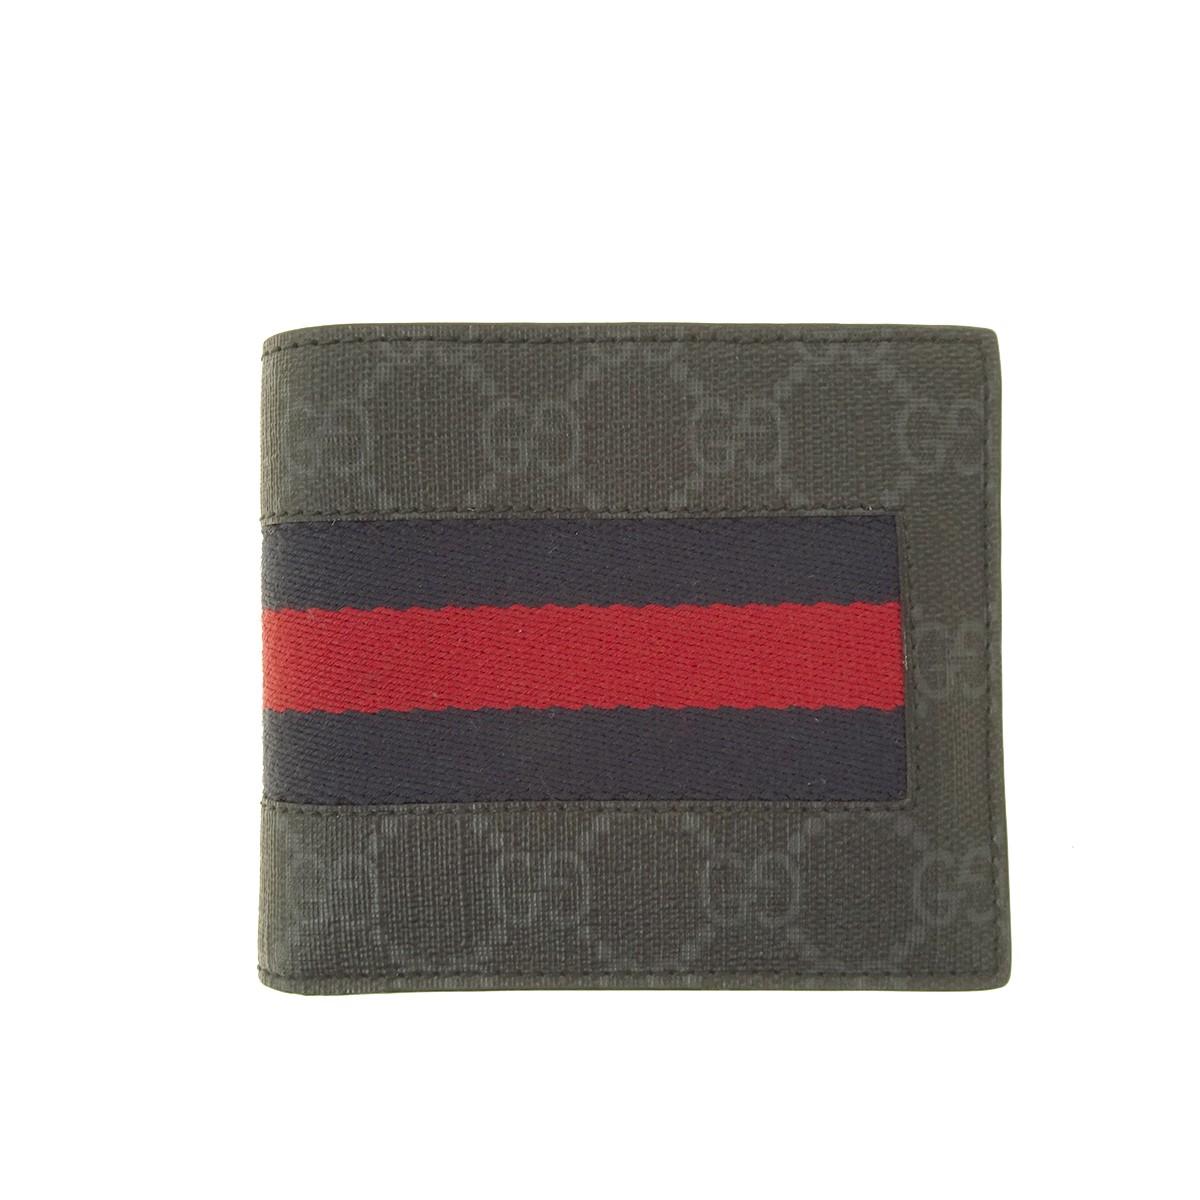 【中古】GUCCI GGスプリーム ニューウェブ 二つ折り財布 408826 ブラック サイズ:- 【150820】(グッチ)